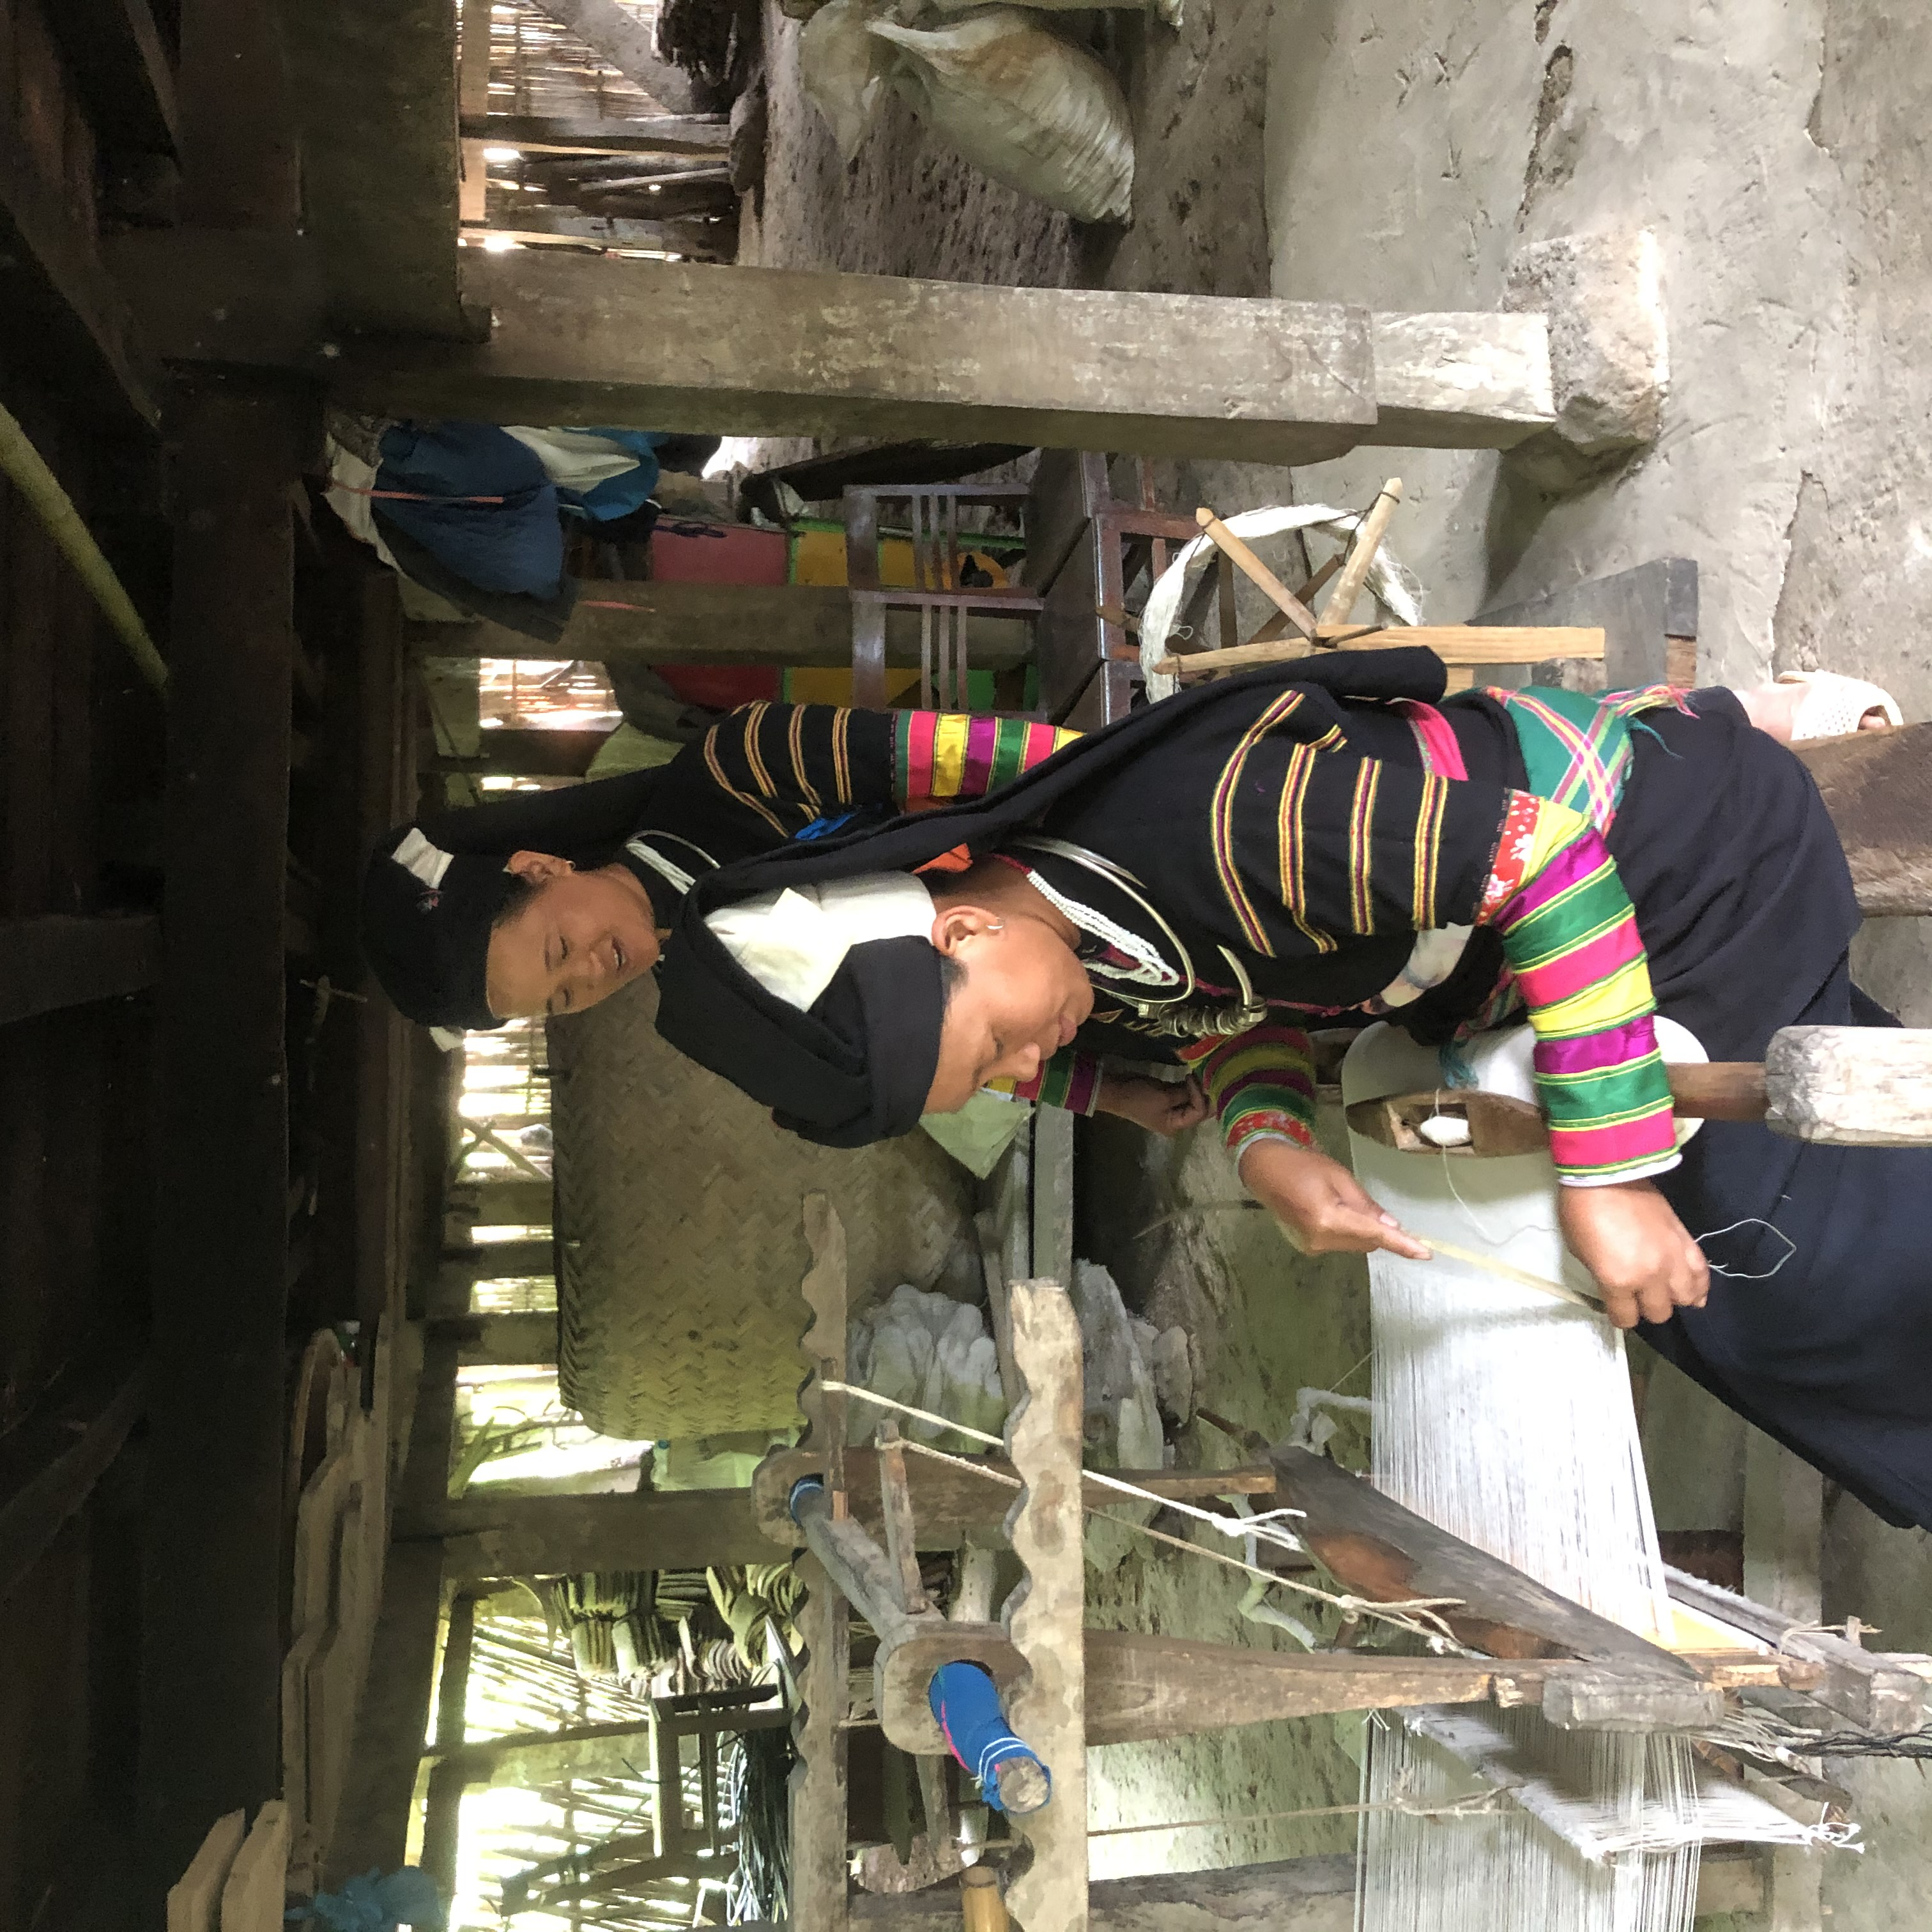 Đồng bào Lô Lô ở xóm Khuổi Khon, xã Kim Cúc, huyện Bảo Lạc được hỗ trợ khung dệt, duy trì nghề dệt thổ cẩm truyền thống.